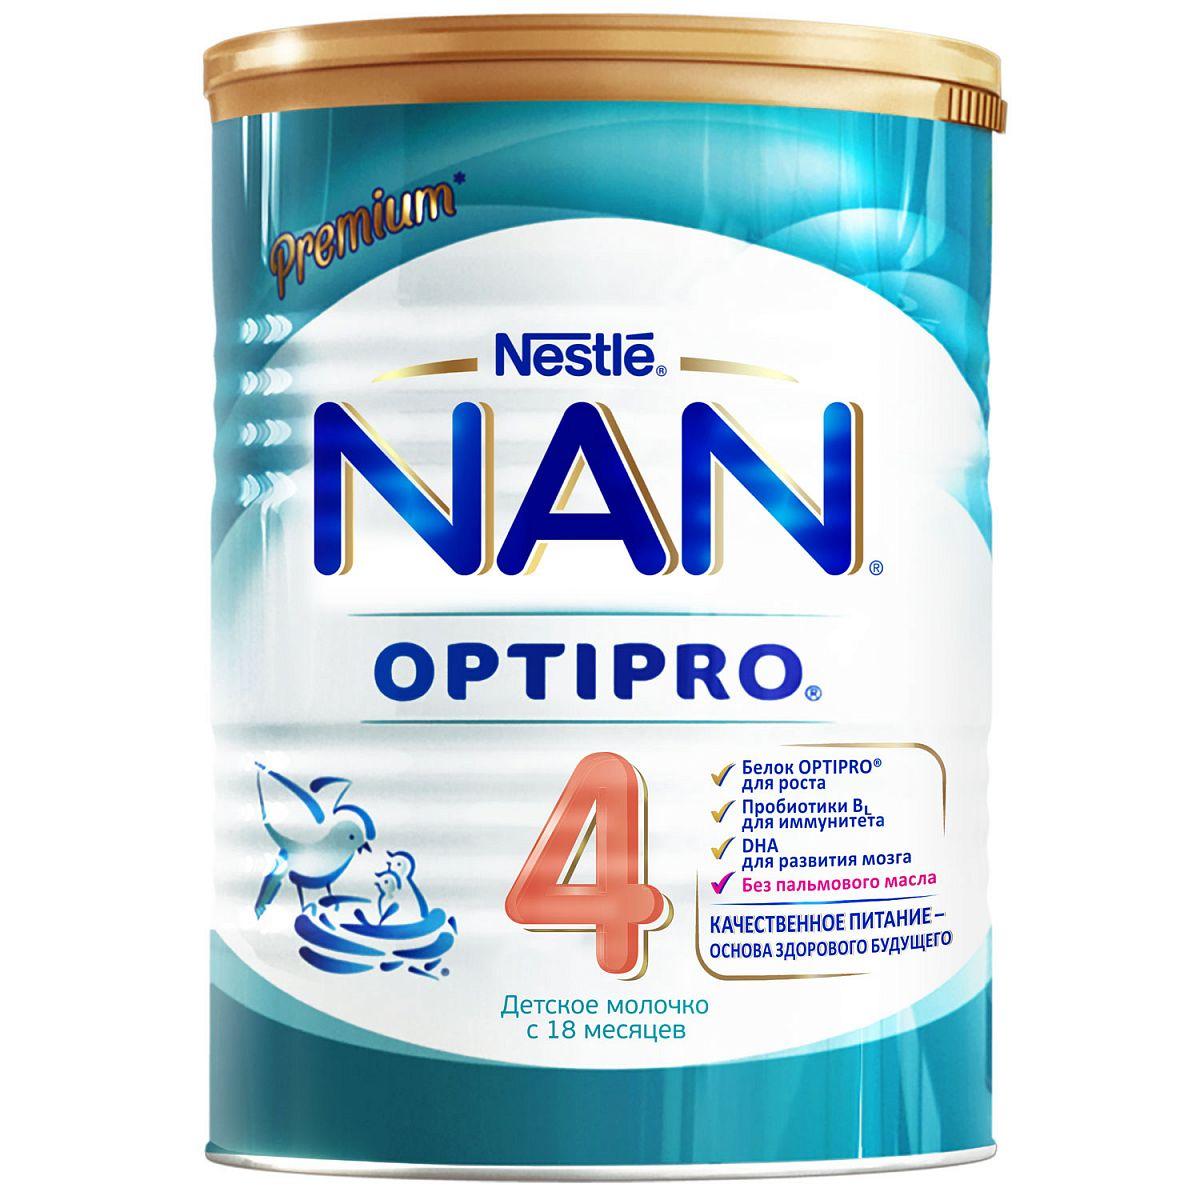 Фото - Детское молочко NAN 4 Optipro c 18 месяцев 400 г nan levinson outspoken